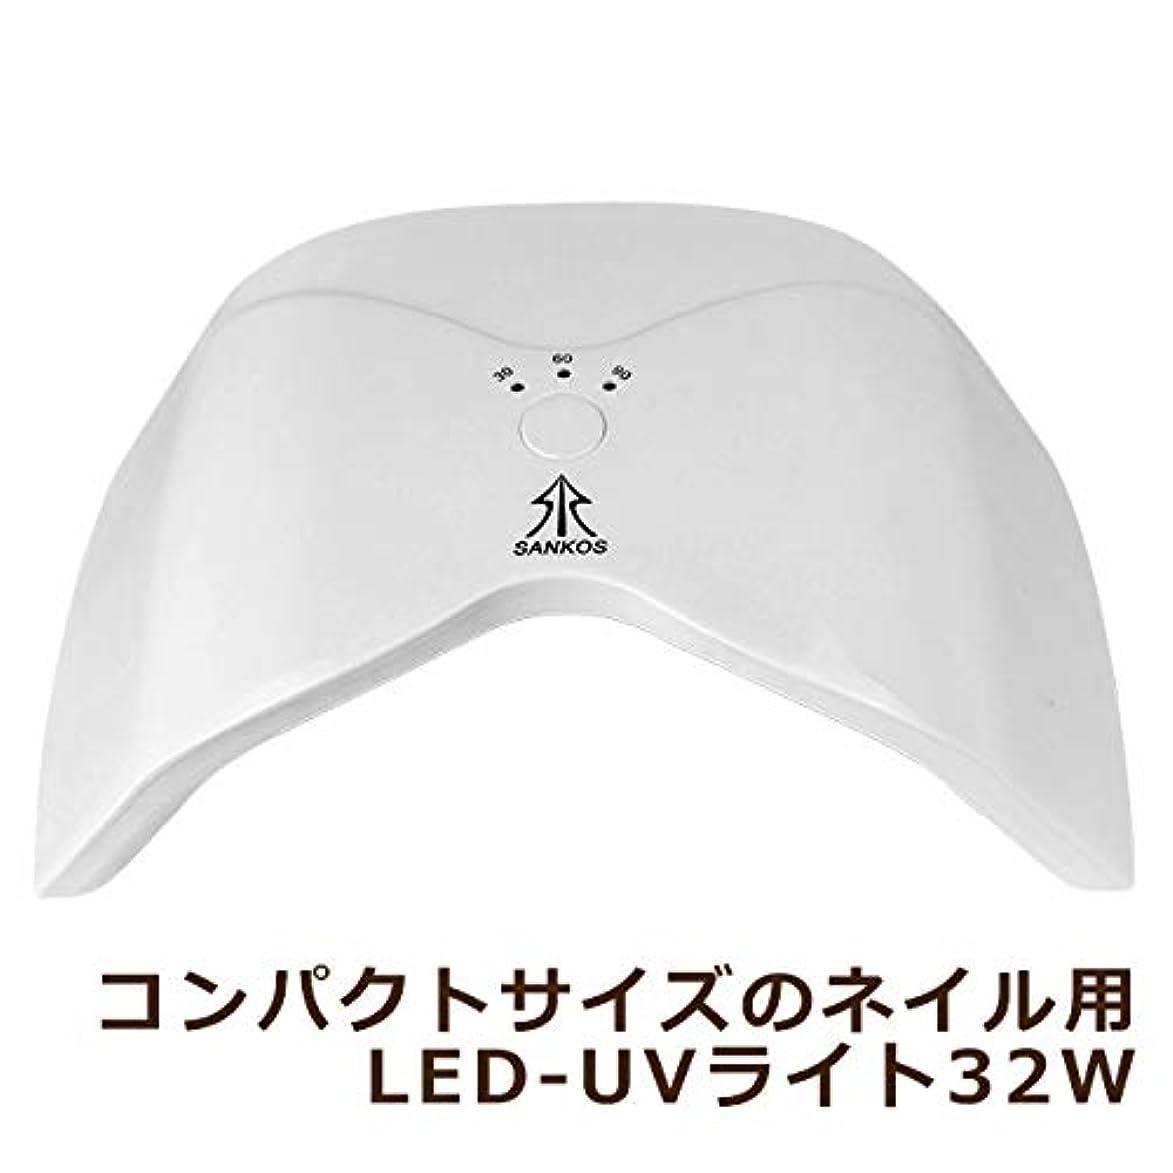 風景スピーカー長さ【新入荷】コンパクトサイズ ネイル用 LED-UVライト 32W (LED&UV両方対応)30秒?60秒?90秒タイマー付 (ホワイト)